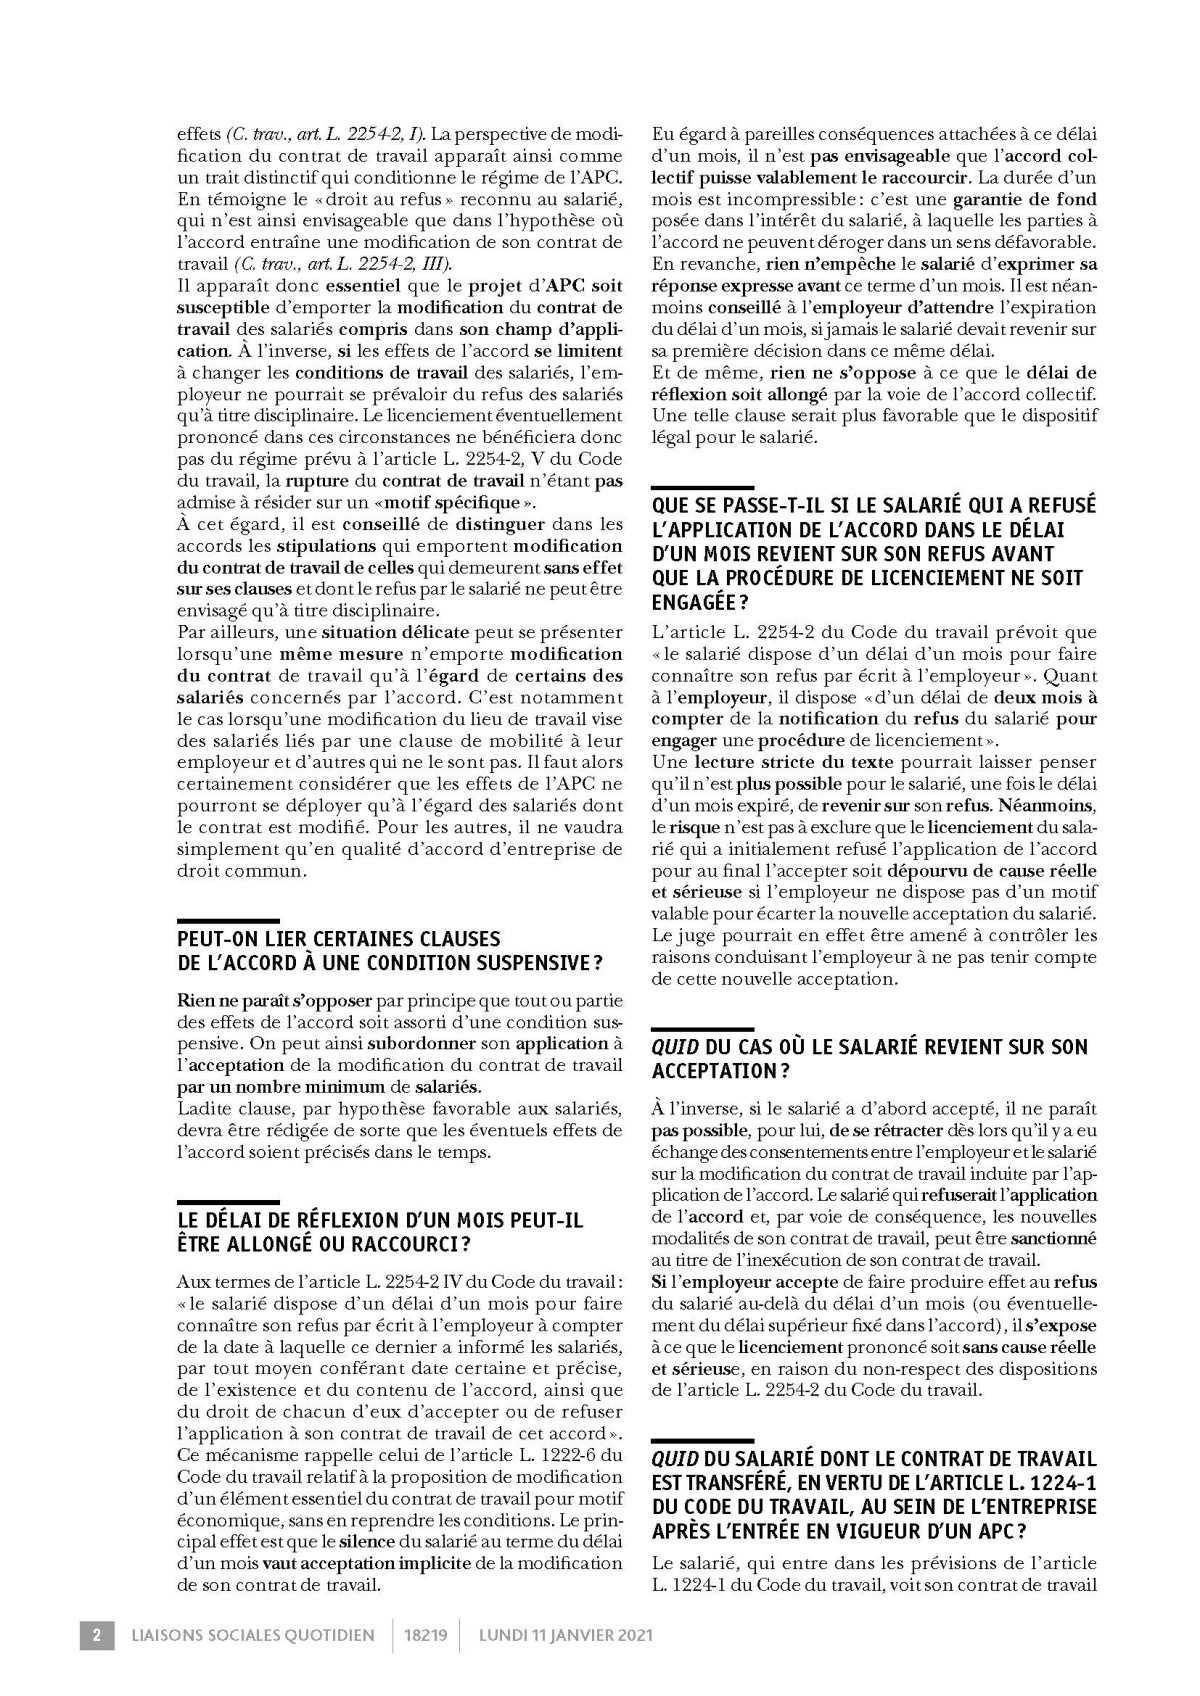 LSQ Questions-réponses sur l'accord de performance collective